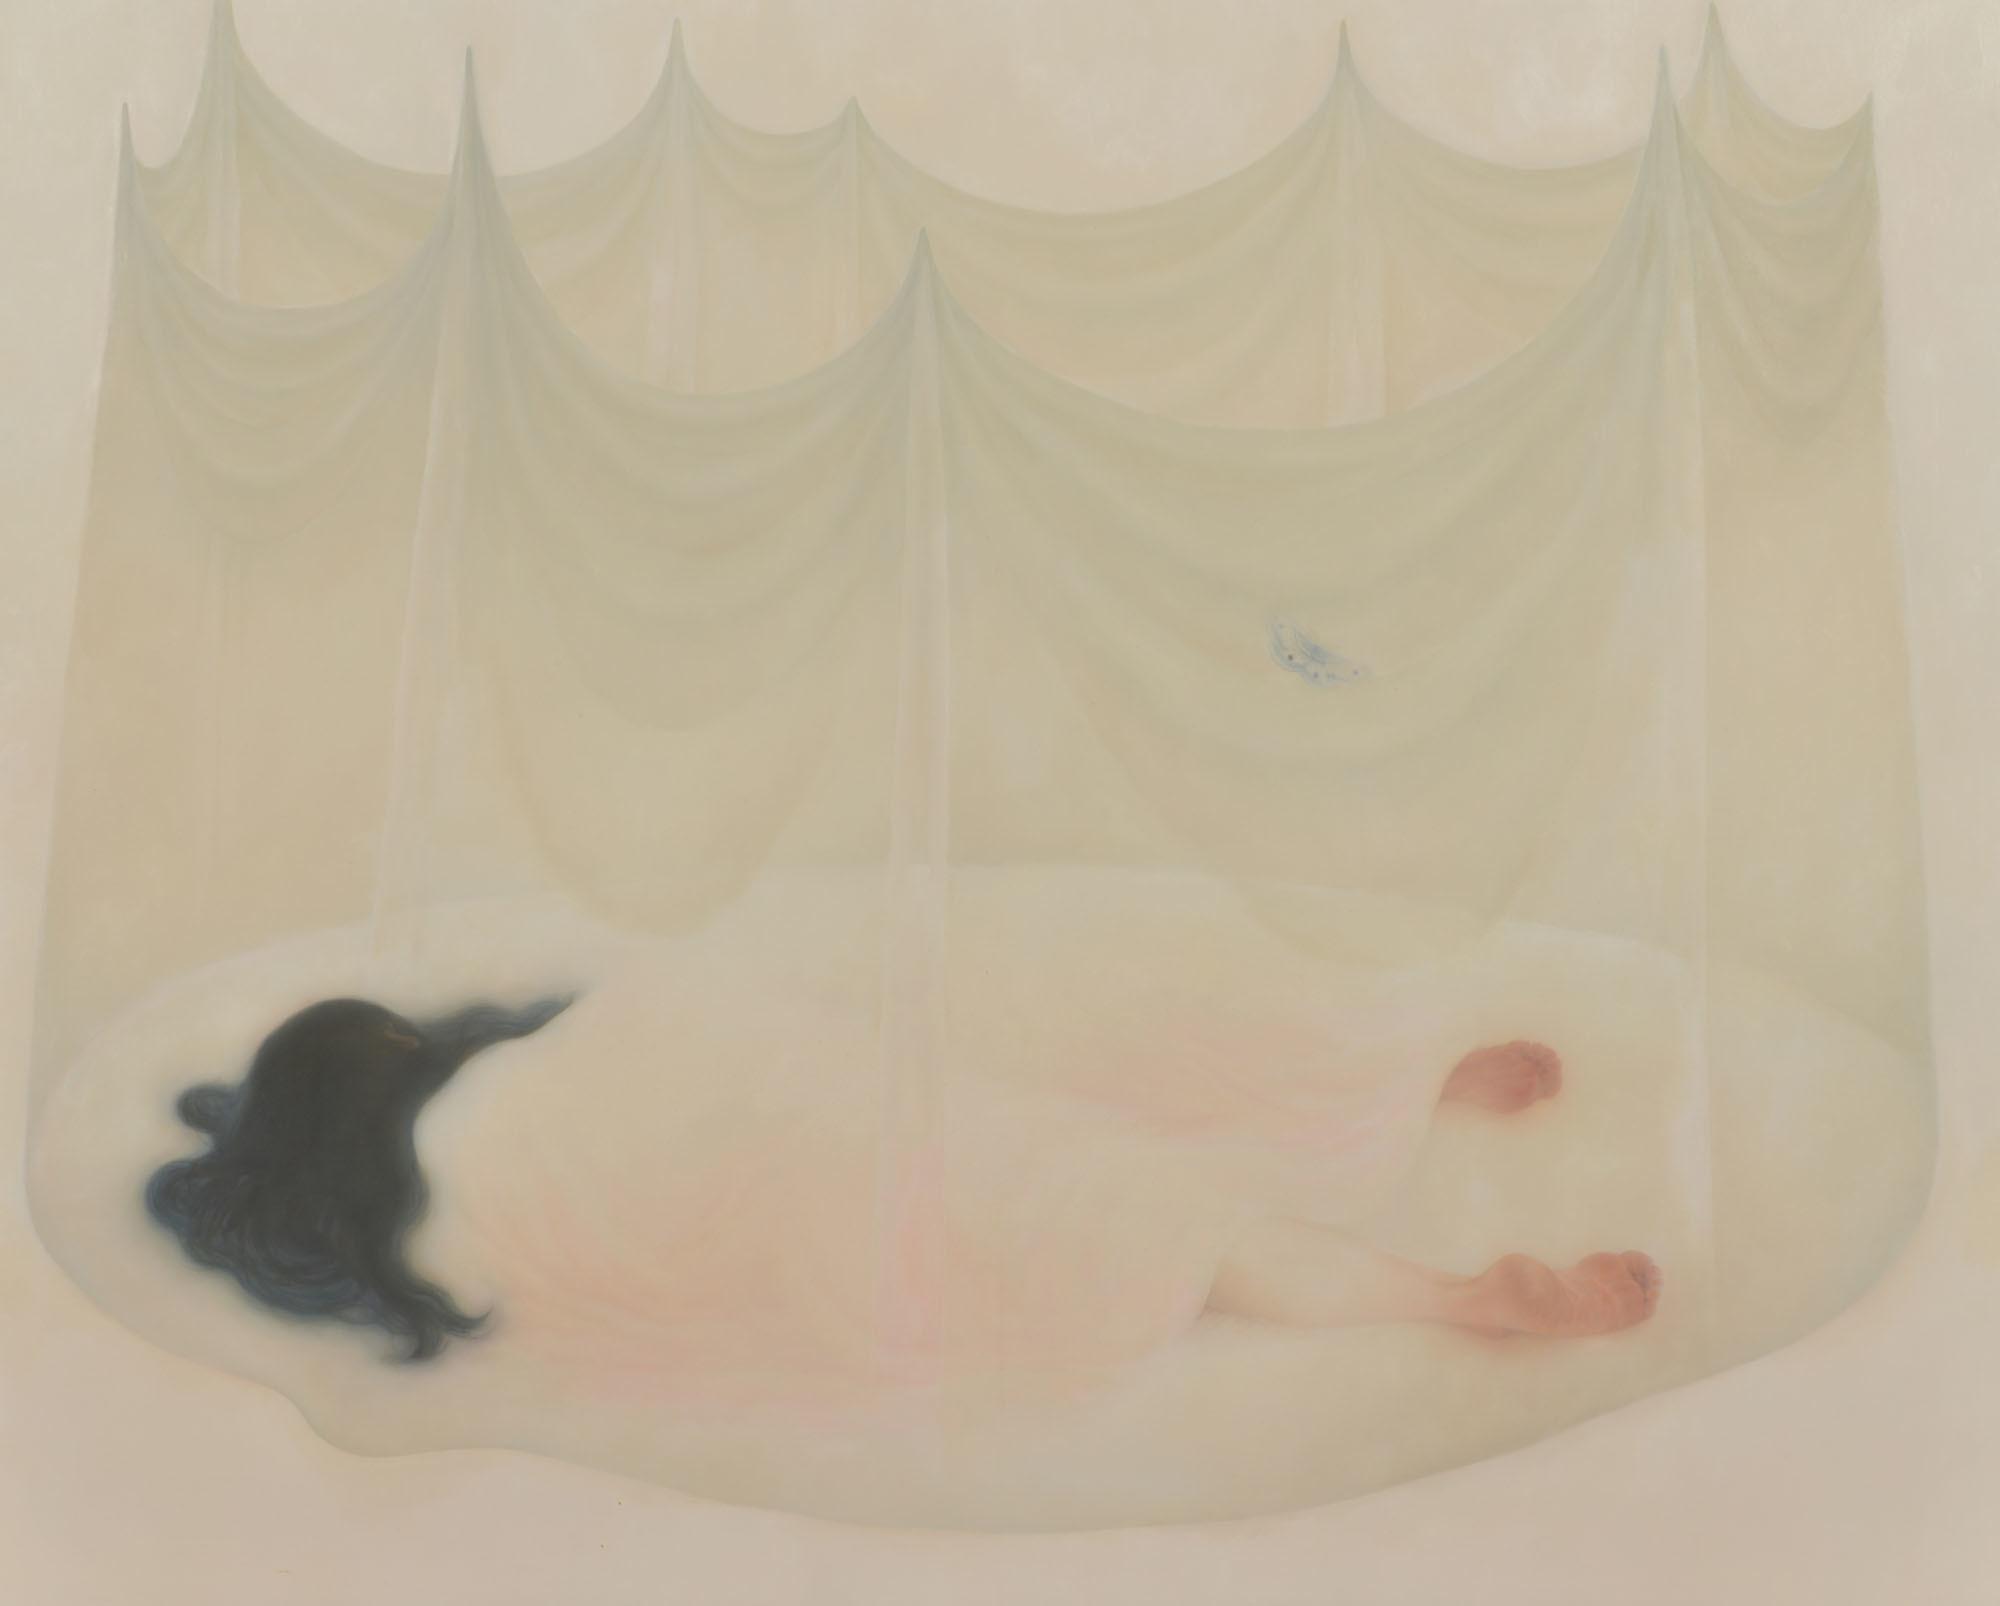 大石 奈穂(おおいし なお) 《うその融点》2016 年 油彩・綿布・パネル 130.3×162 ㎝ 1990 年生まれ